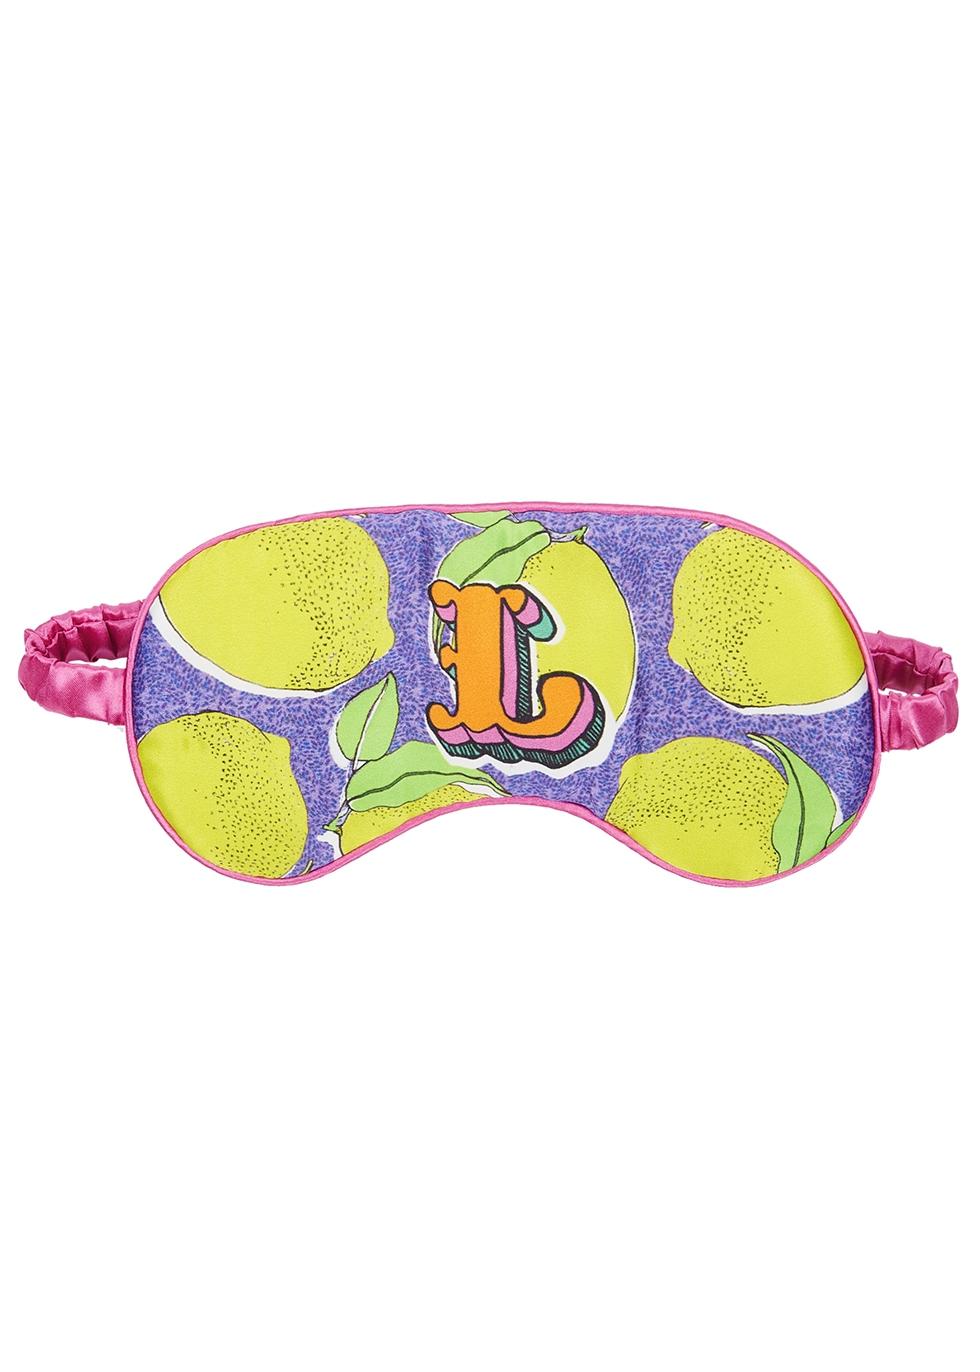 L for Lemons printed silk eye mask